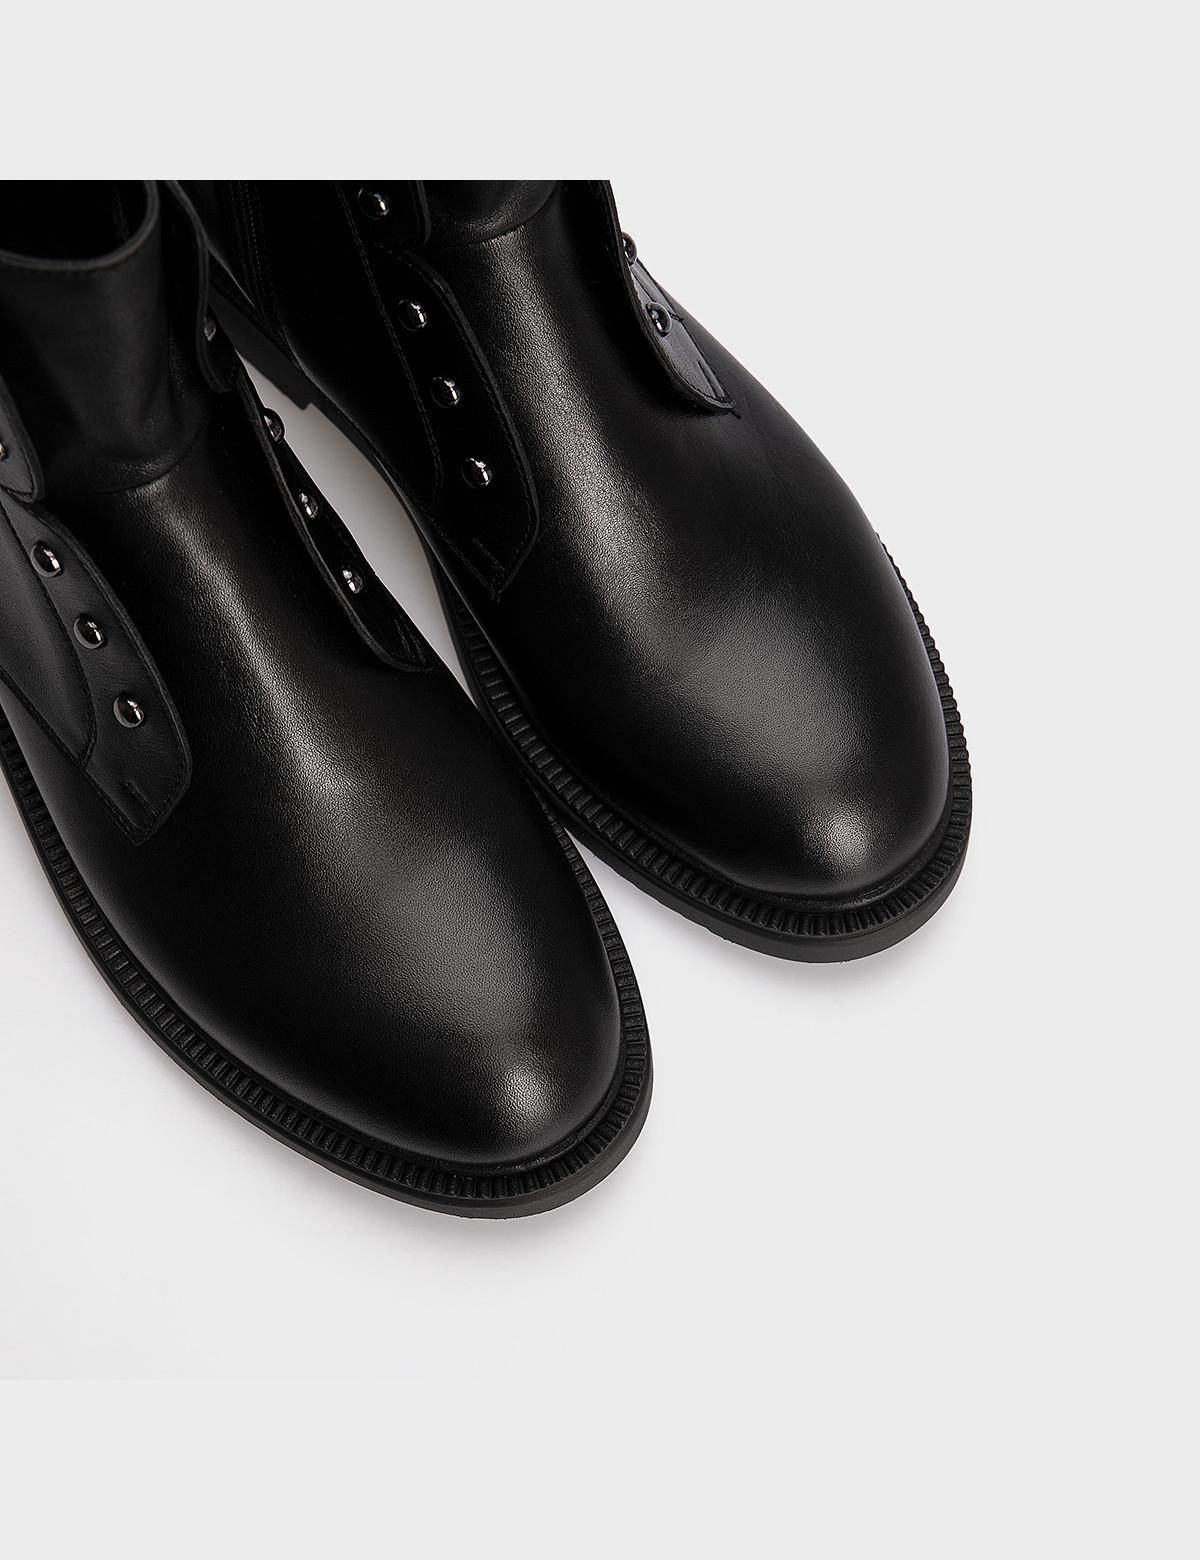 Ботинки черные, натуральная кожа. Шерсть 4